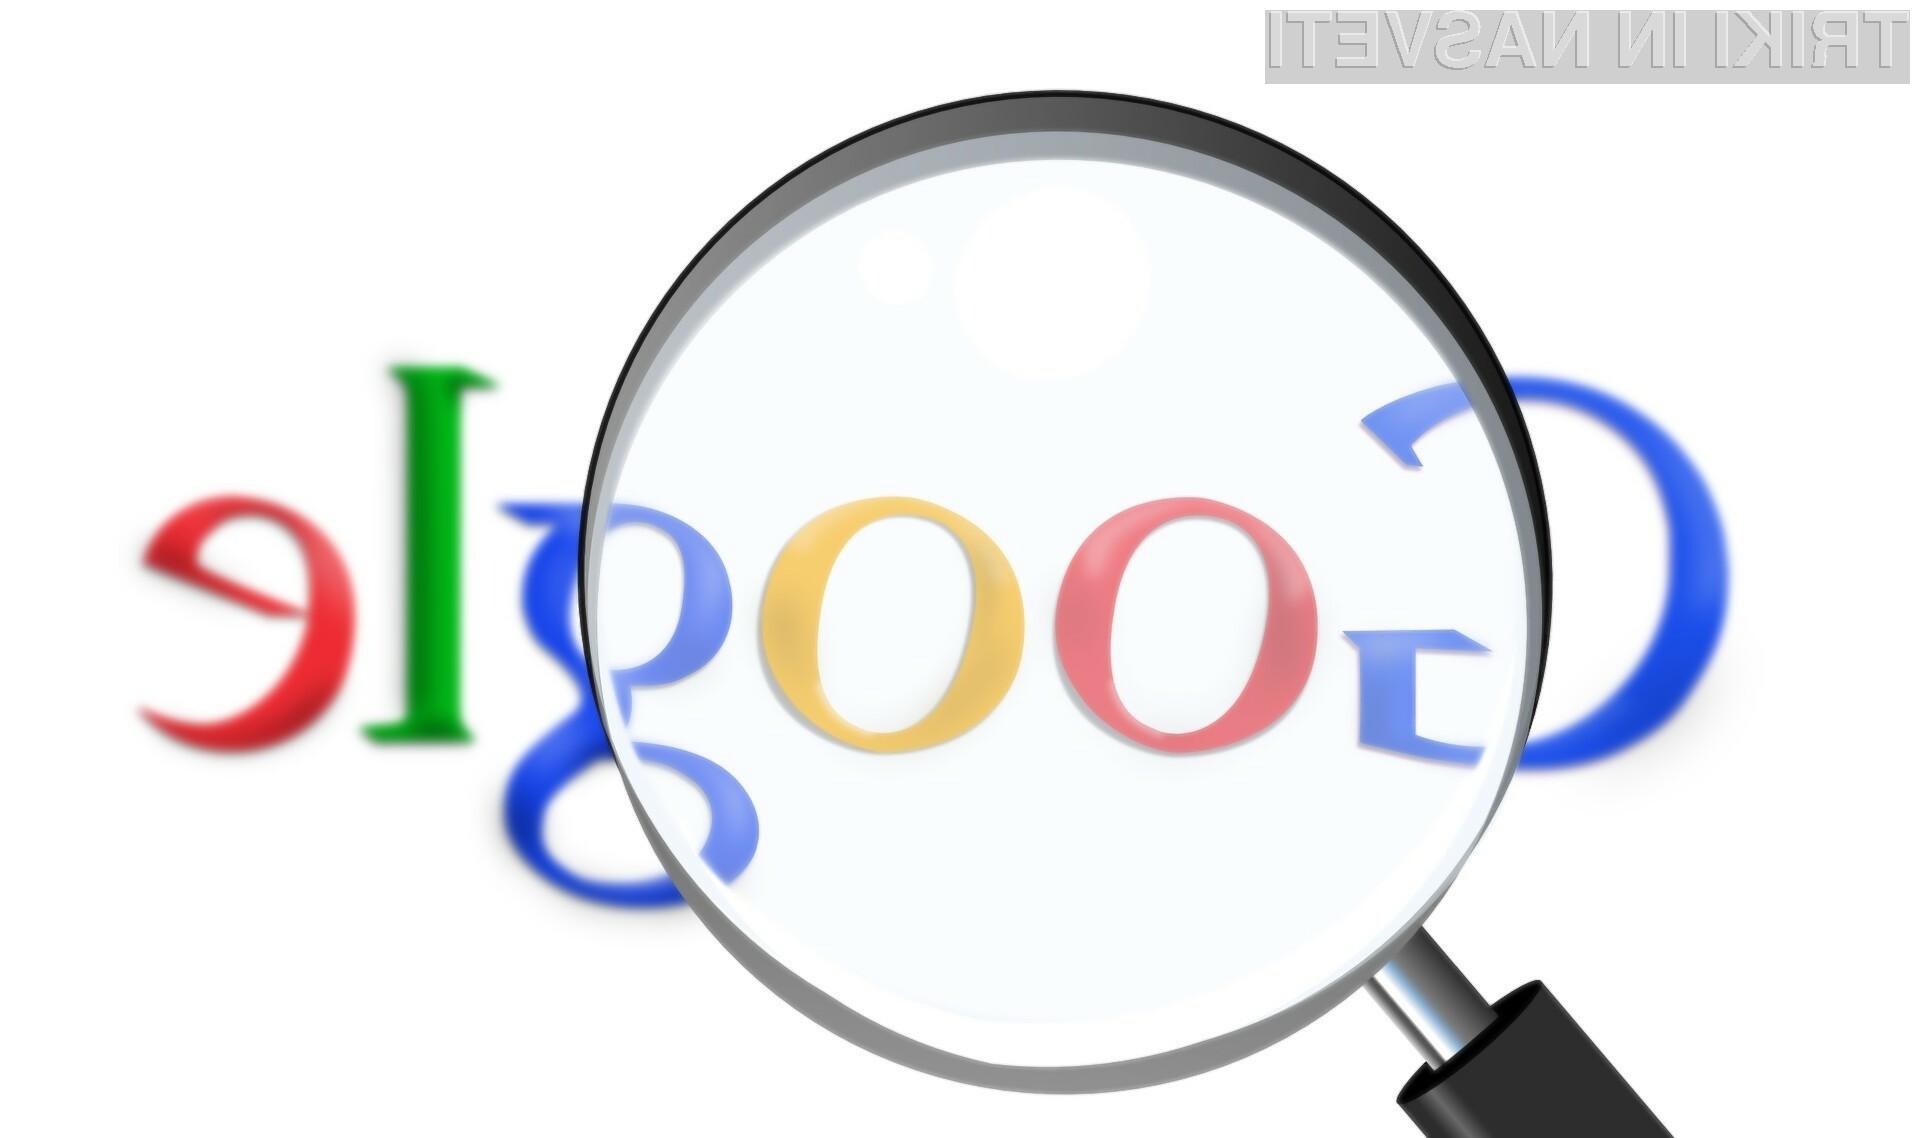 https://www.racunalniske-novice.com/triki/10-korakov-kako-dodatno-poskrbeti-za-varnost-vasega-google-racuna.html?RSS6a7116b403f4df5b96dde01581188165